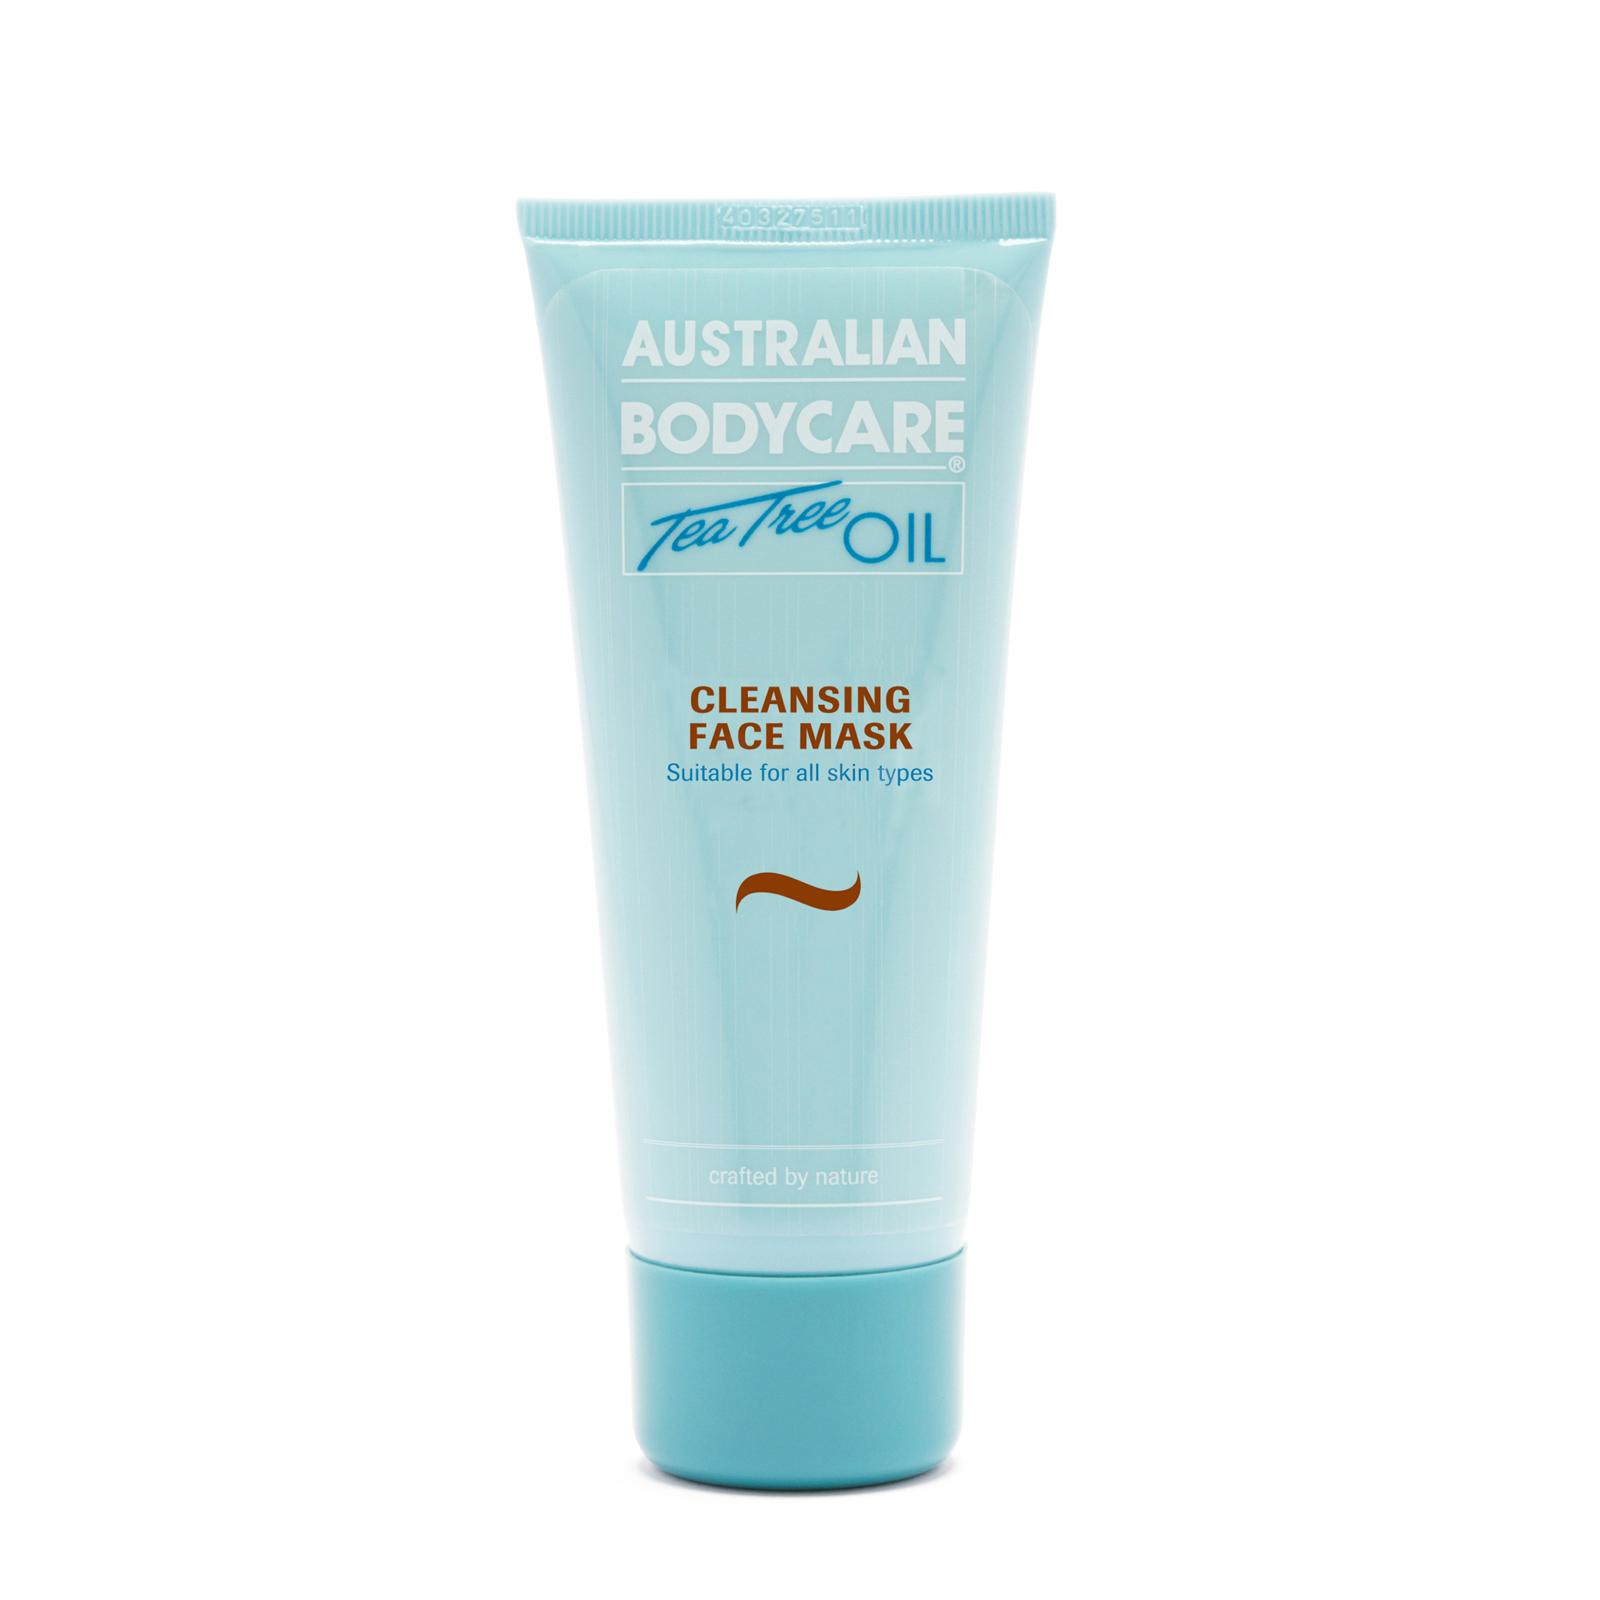 Australian Bodycare Tea Tree Oil Cleansing Face Mask 75ml